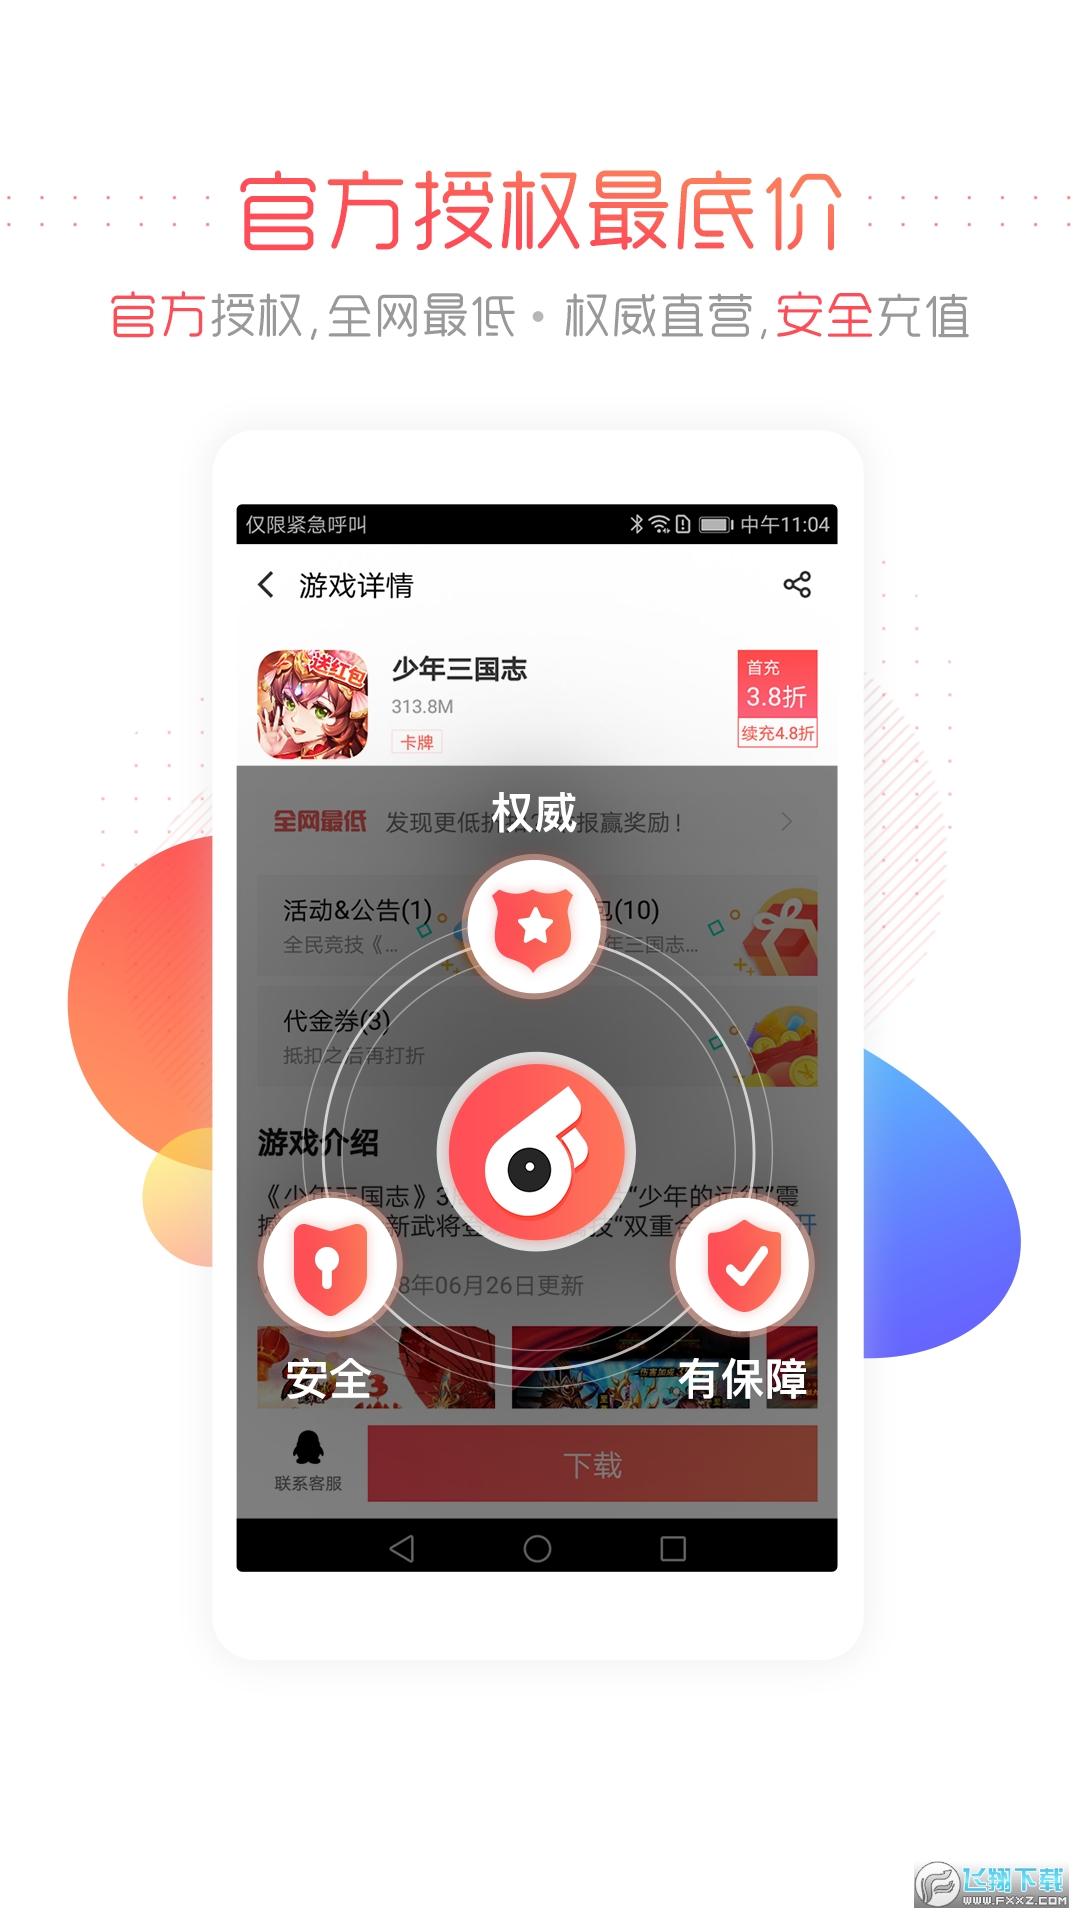 六六手游平台app尊享版4.3.0安卓版截图0